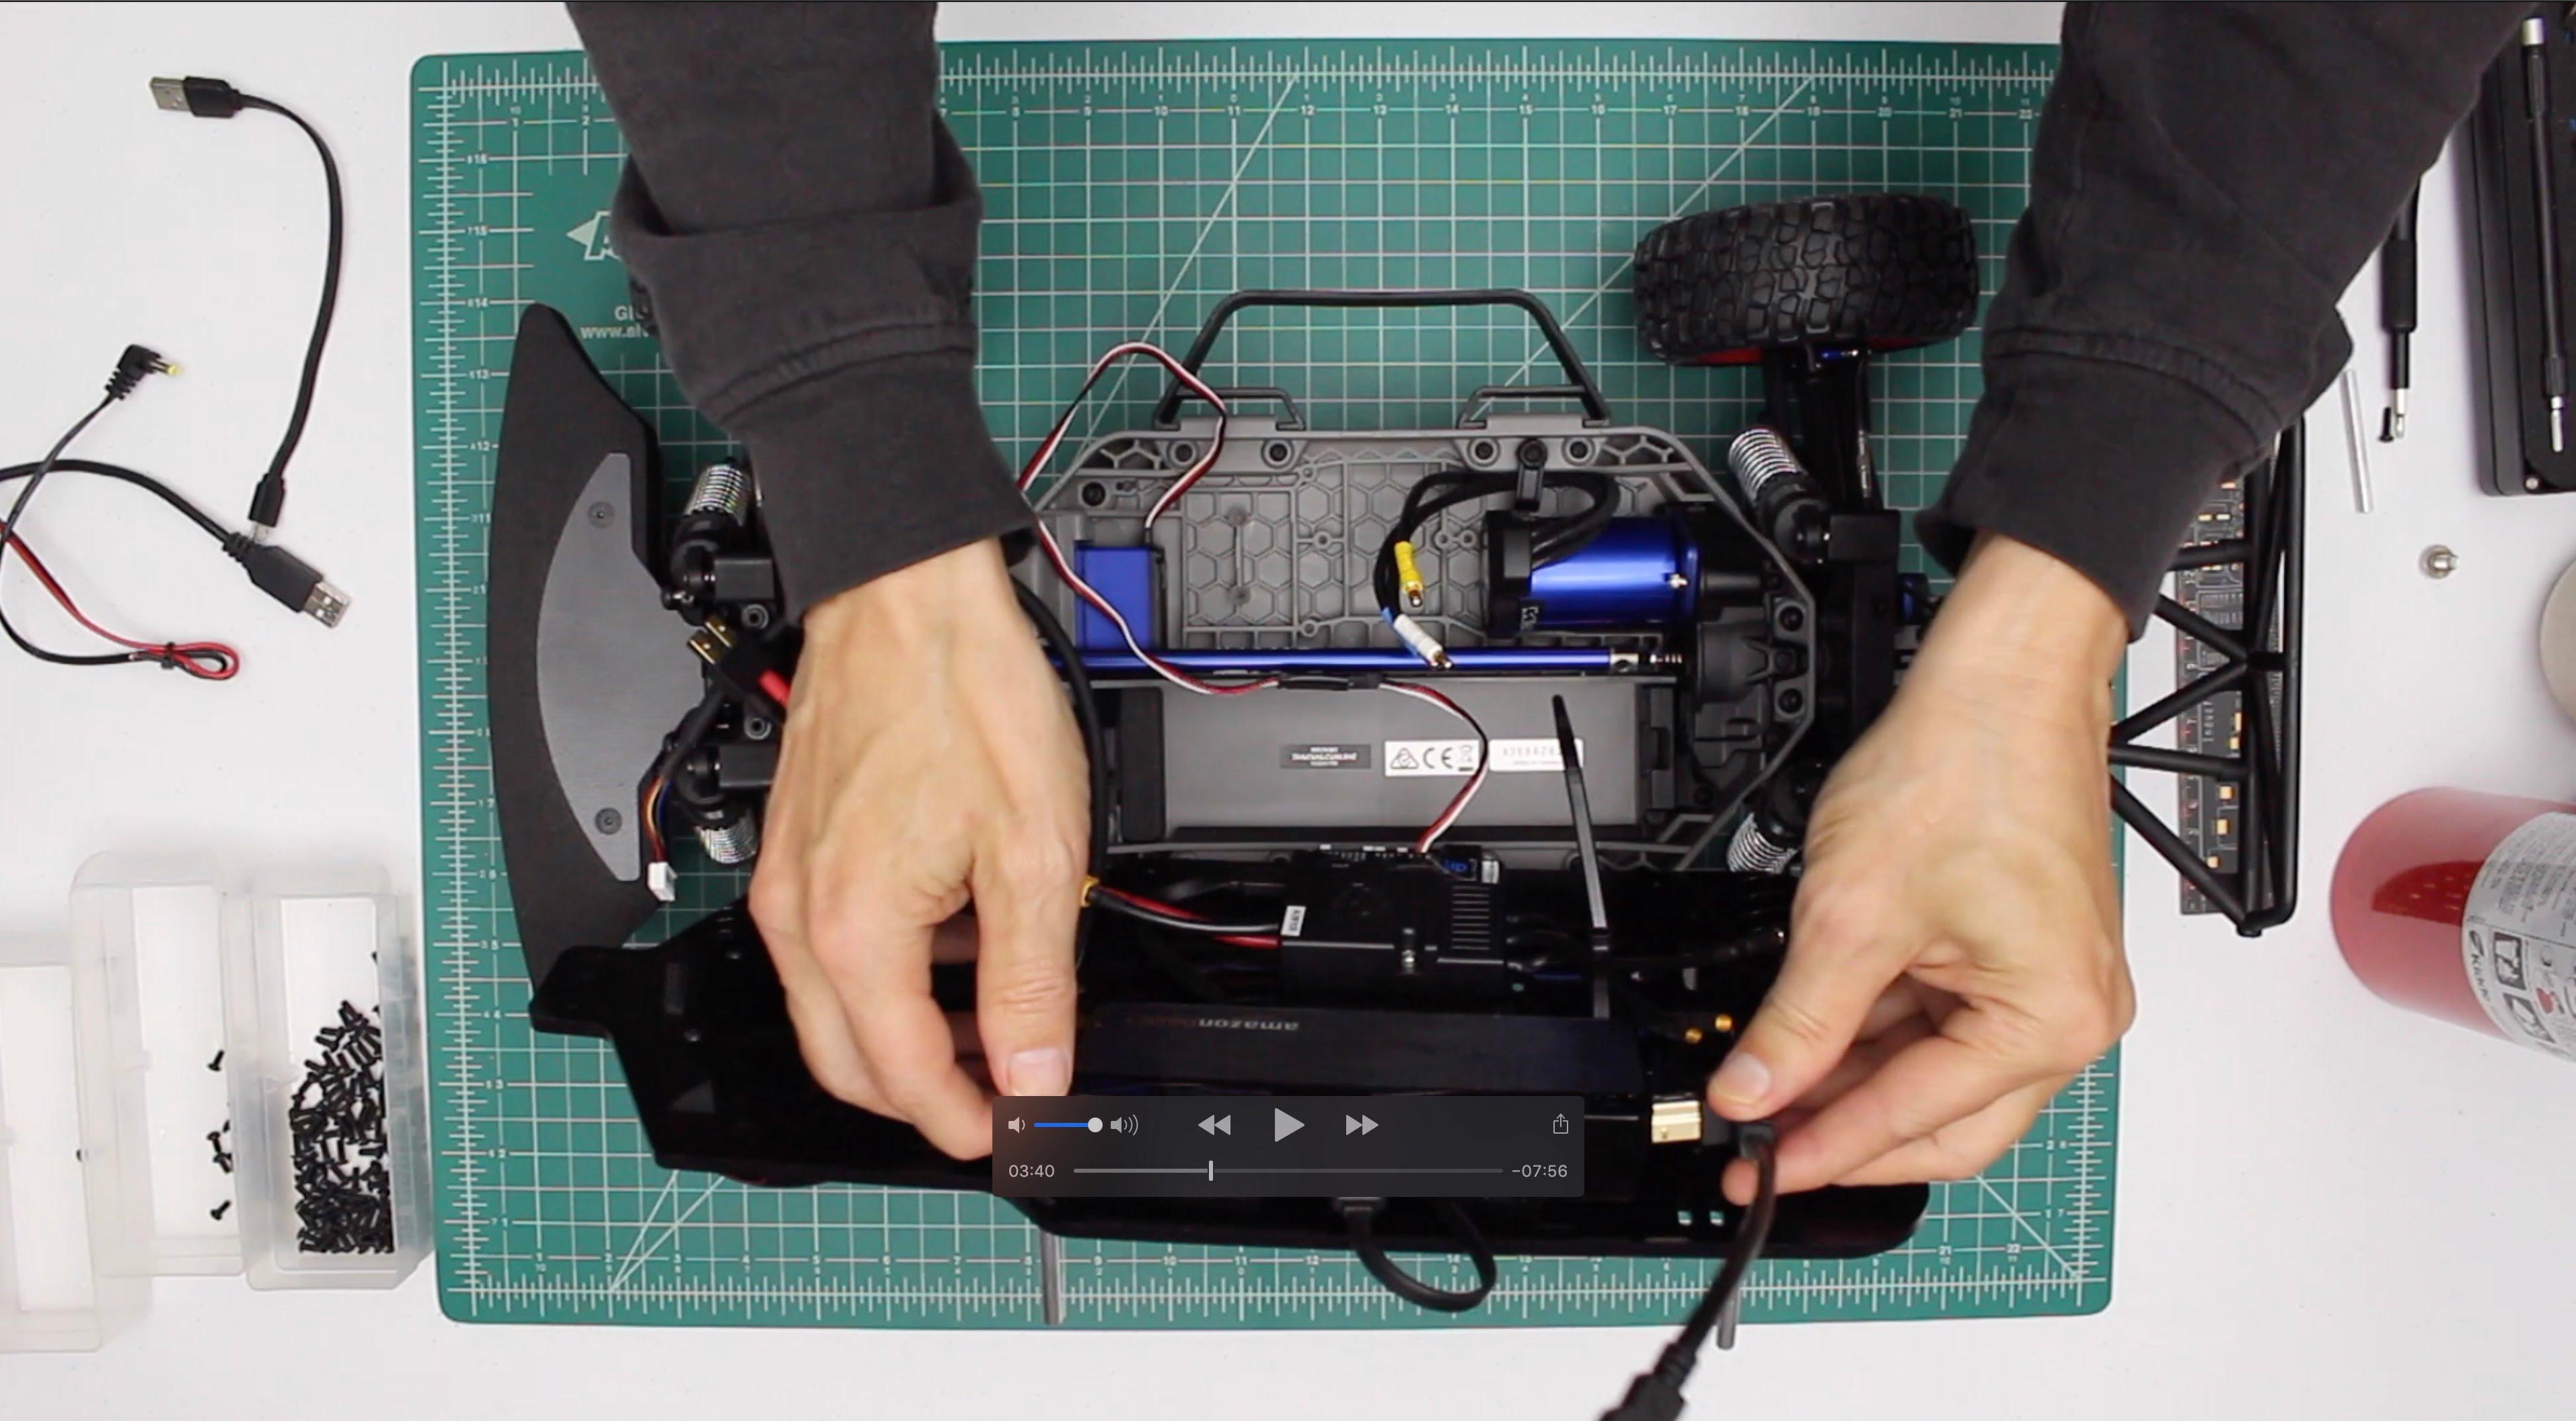 USB Hub Cable